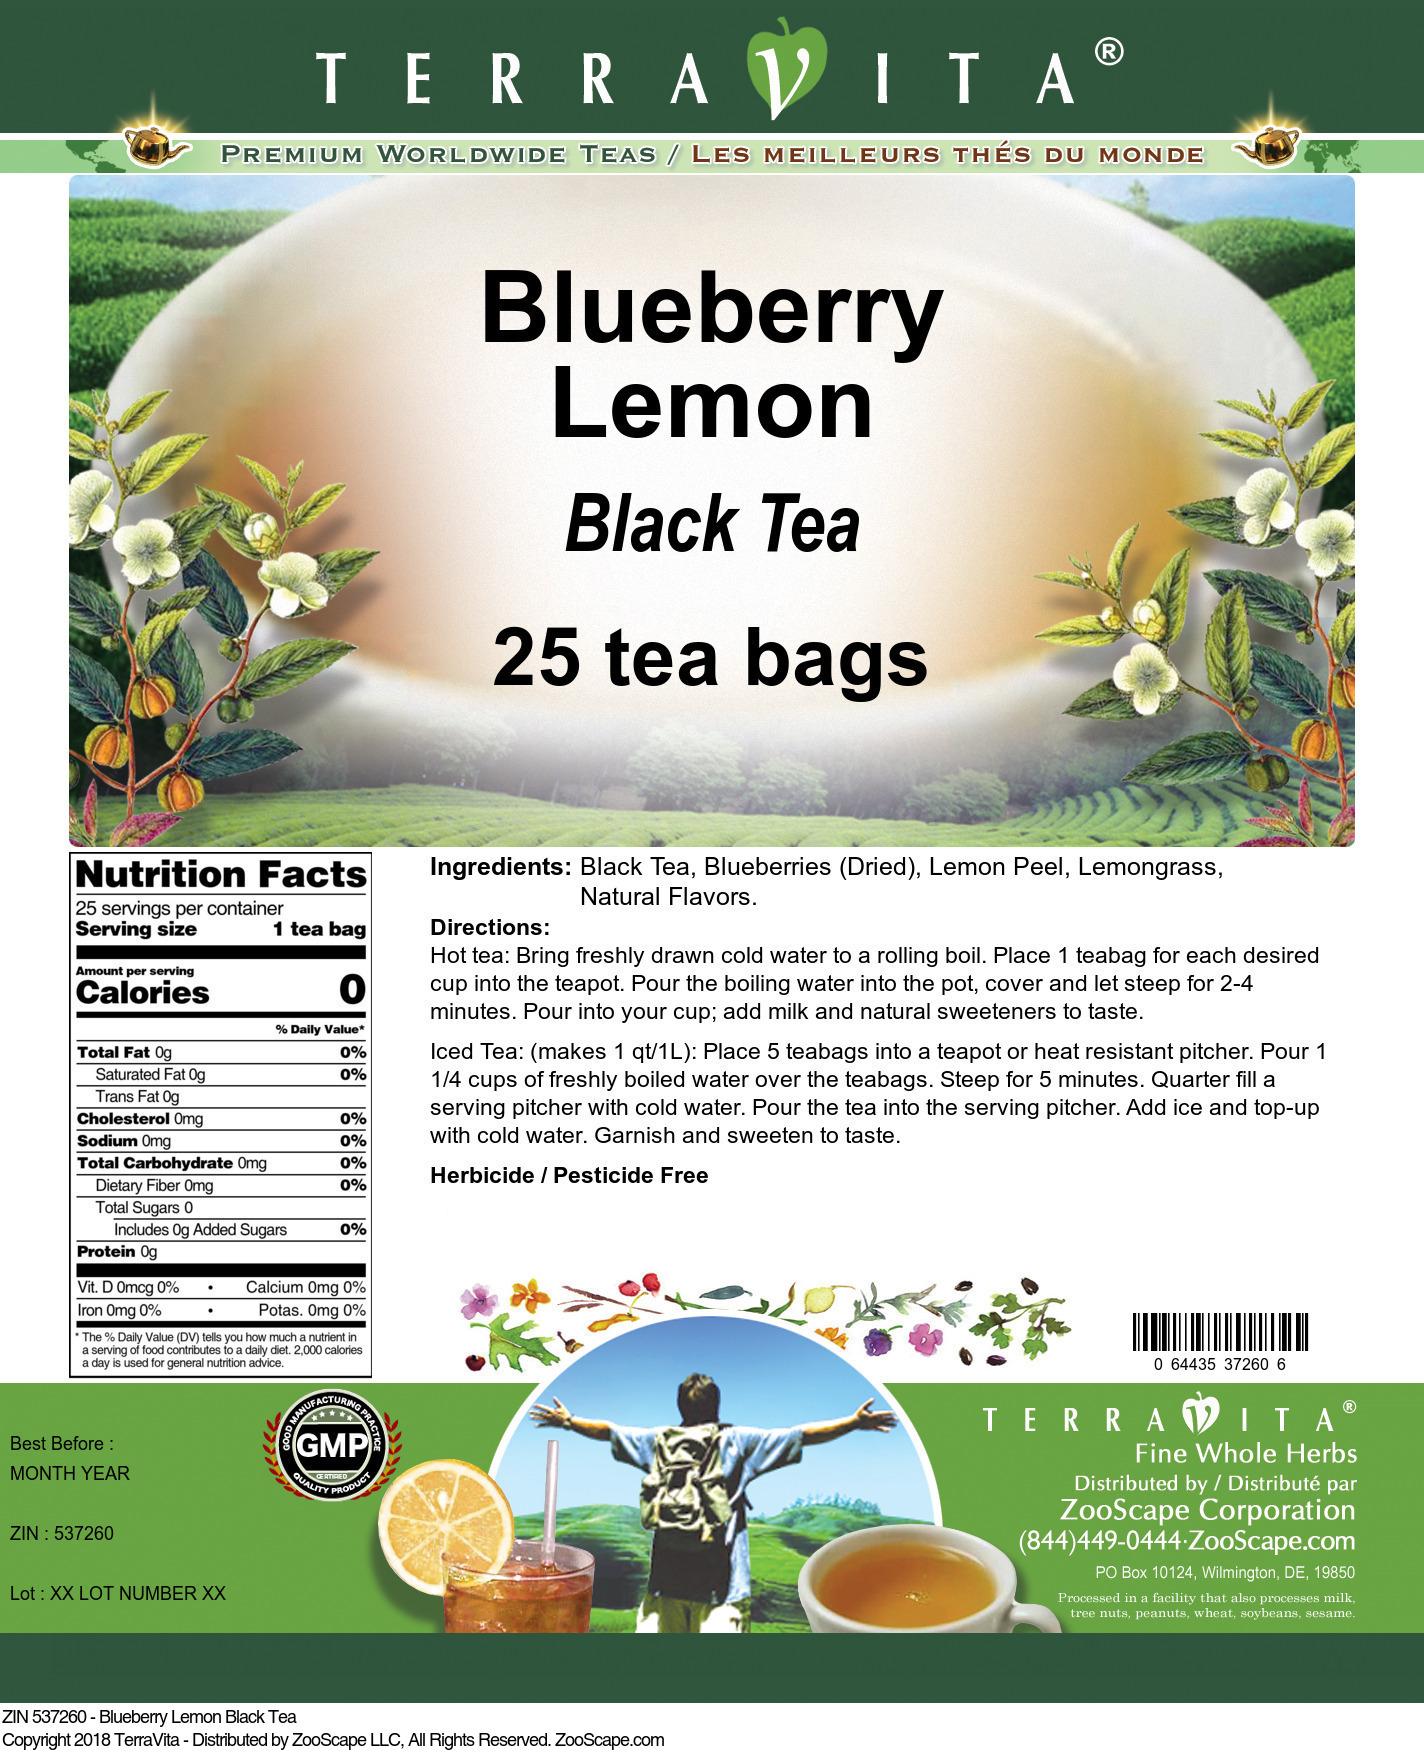 Blueberry Lemon Black Tea